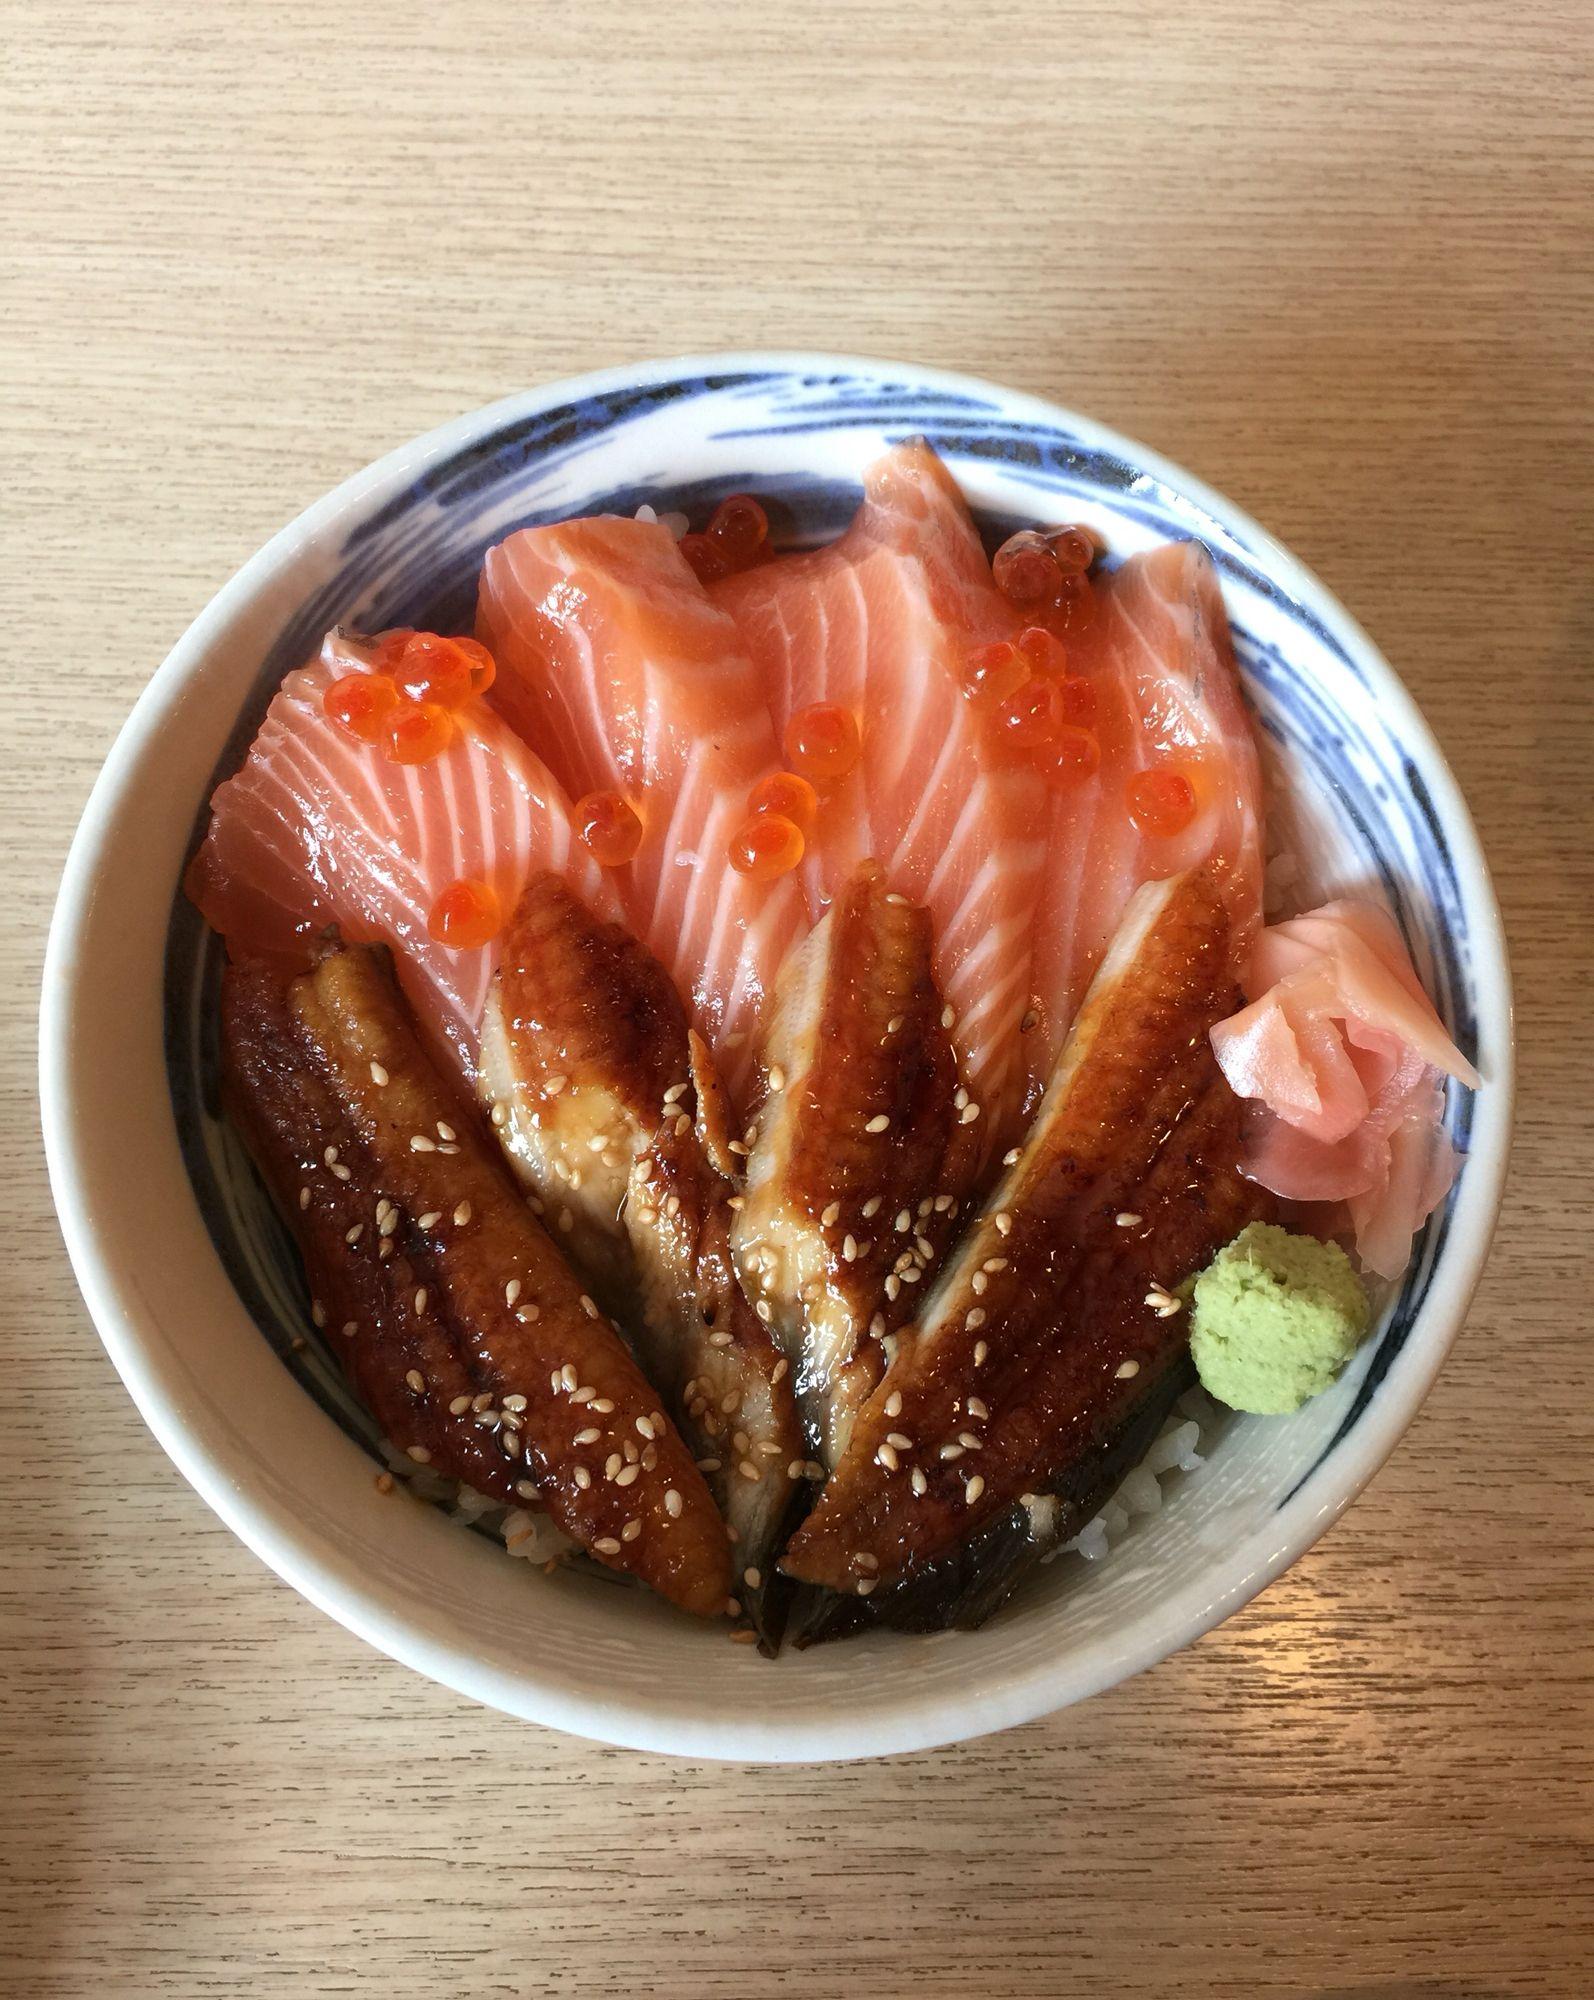 Easy east timor recipes for salmon